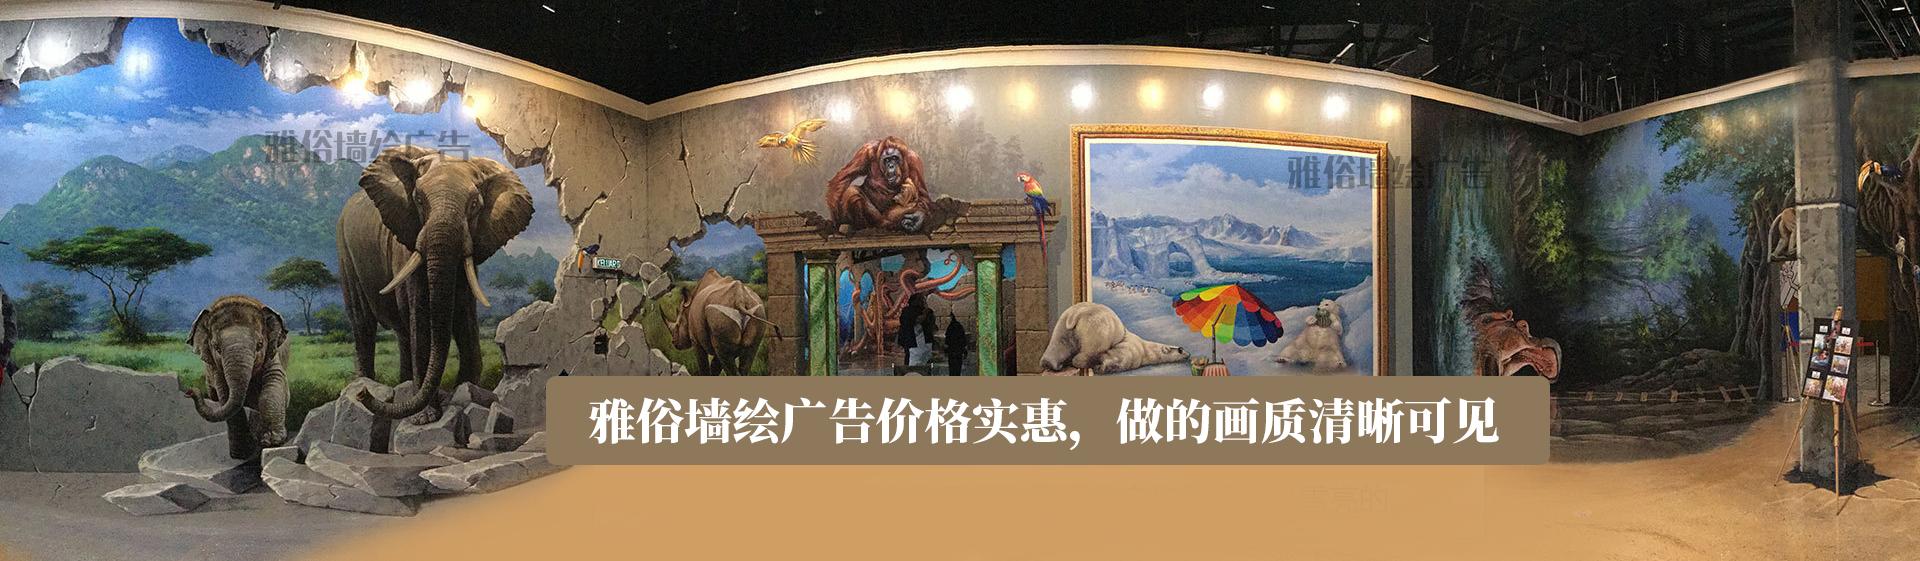 襄阳幼儿园墙绘